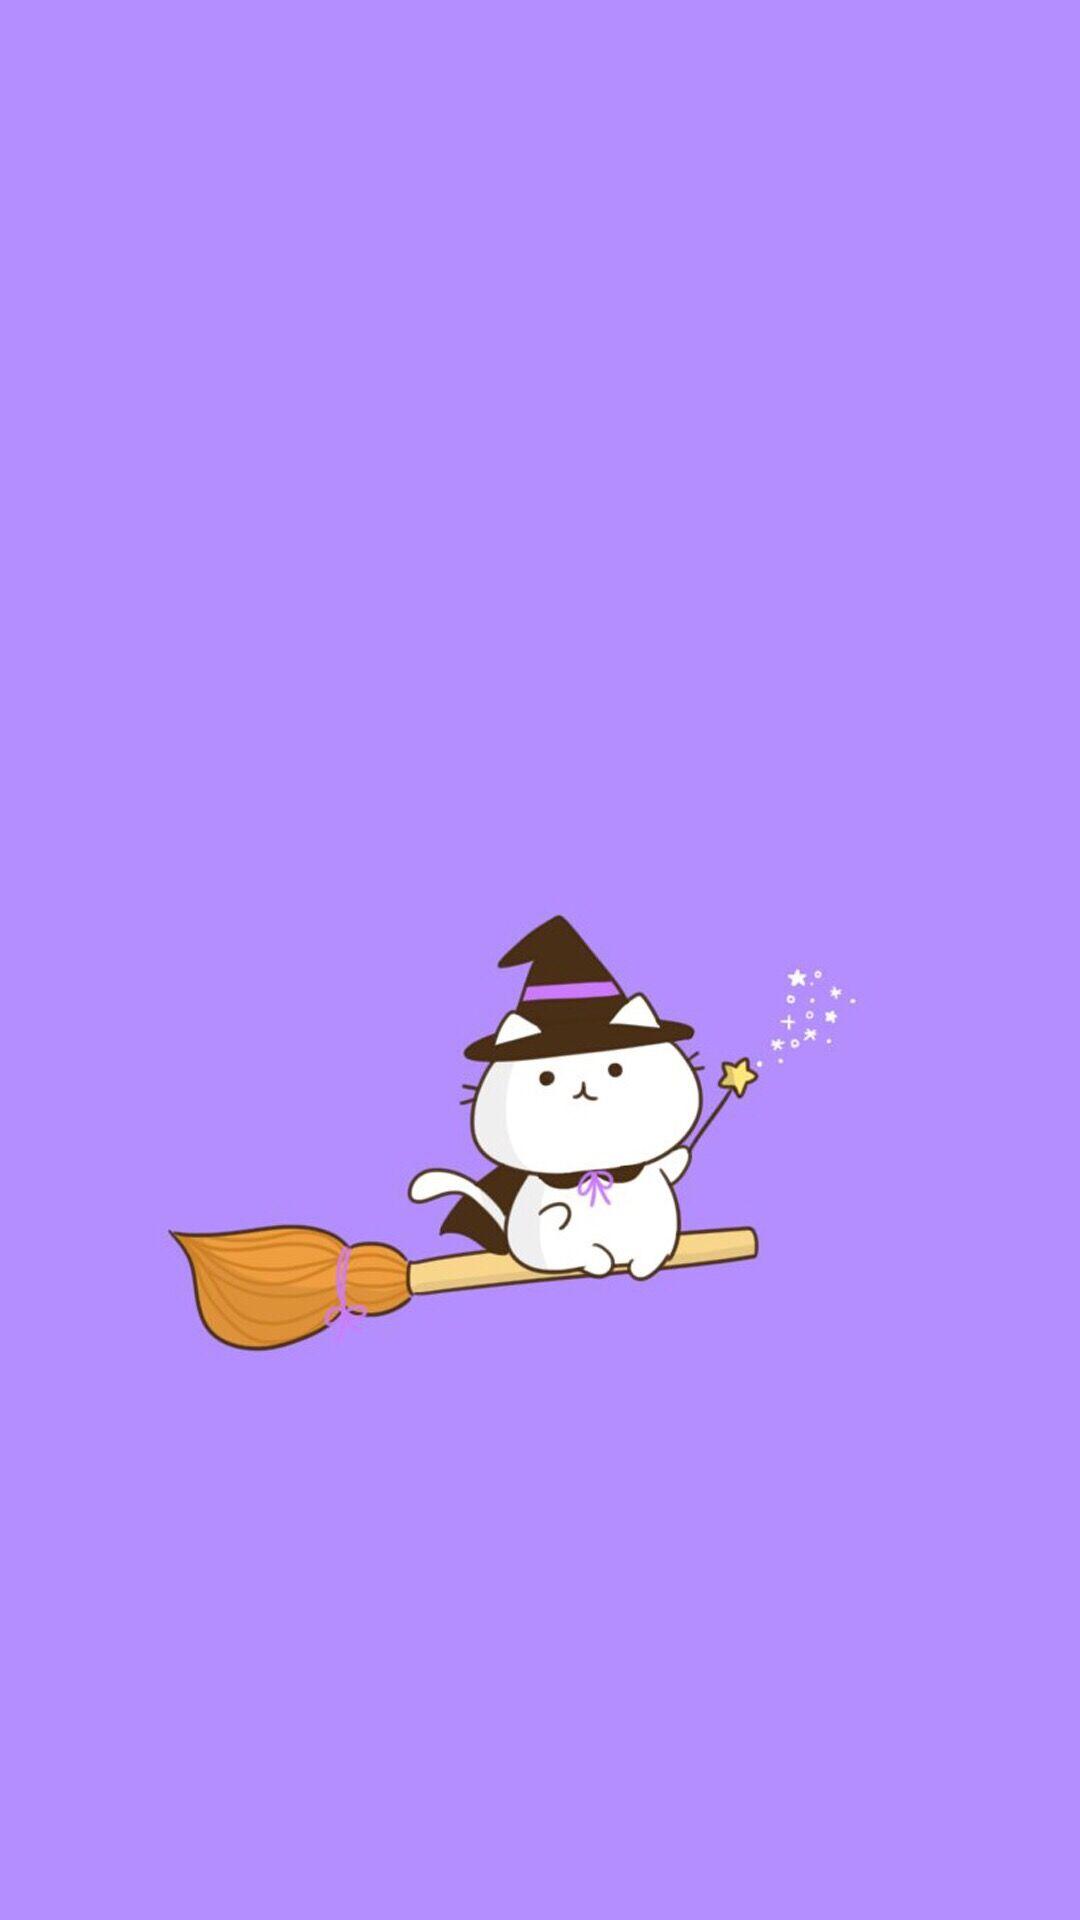 """简介:可爱的小兔子手捧鲜花,吊床上的花猫悠闲地晃悠着,这可爱的事物用卡通形象描绘出来,搭配上纯色背景,格外的清新亮眼。今天带给大家的就是卡通手机壁纸——""""纯色简约可爱卡通手机壁纸"""",小主人穿上和猫咪一样的衣服,与猫咪相对而卧,配上温暖的暖橙色非常有爱;毛茸茸的猫咪正玩着逗猫棒,搭配上亮眼的浅绿色,格外清新养眼。"""